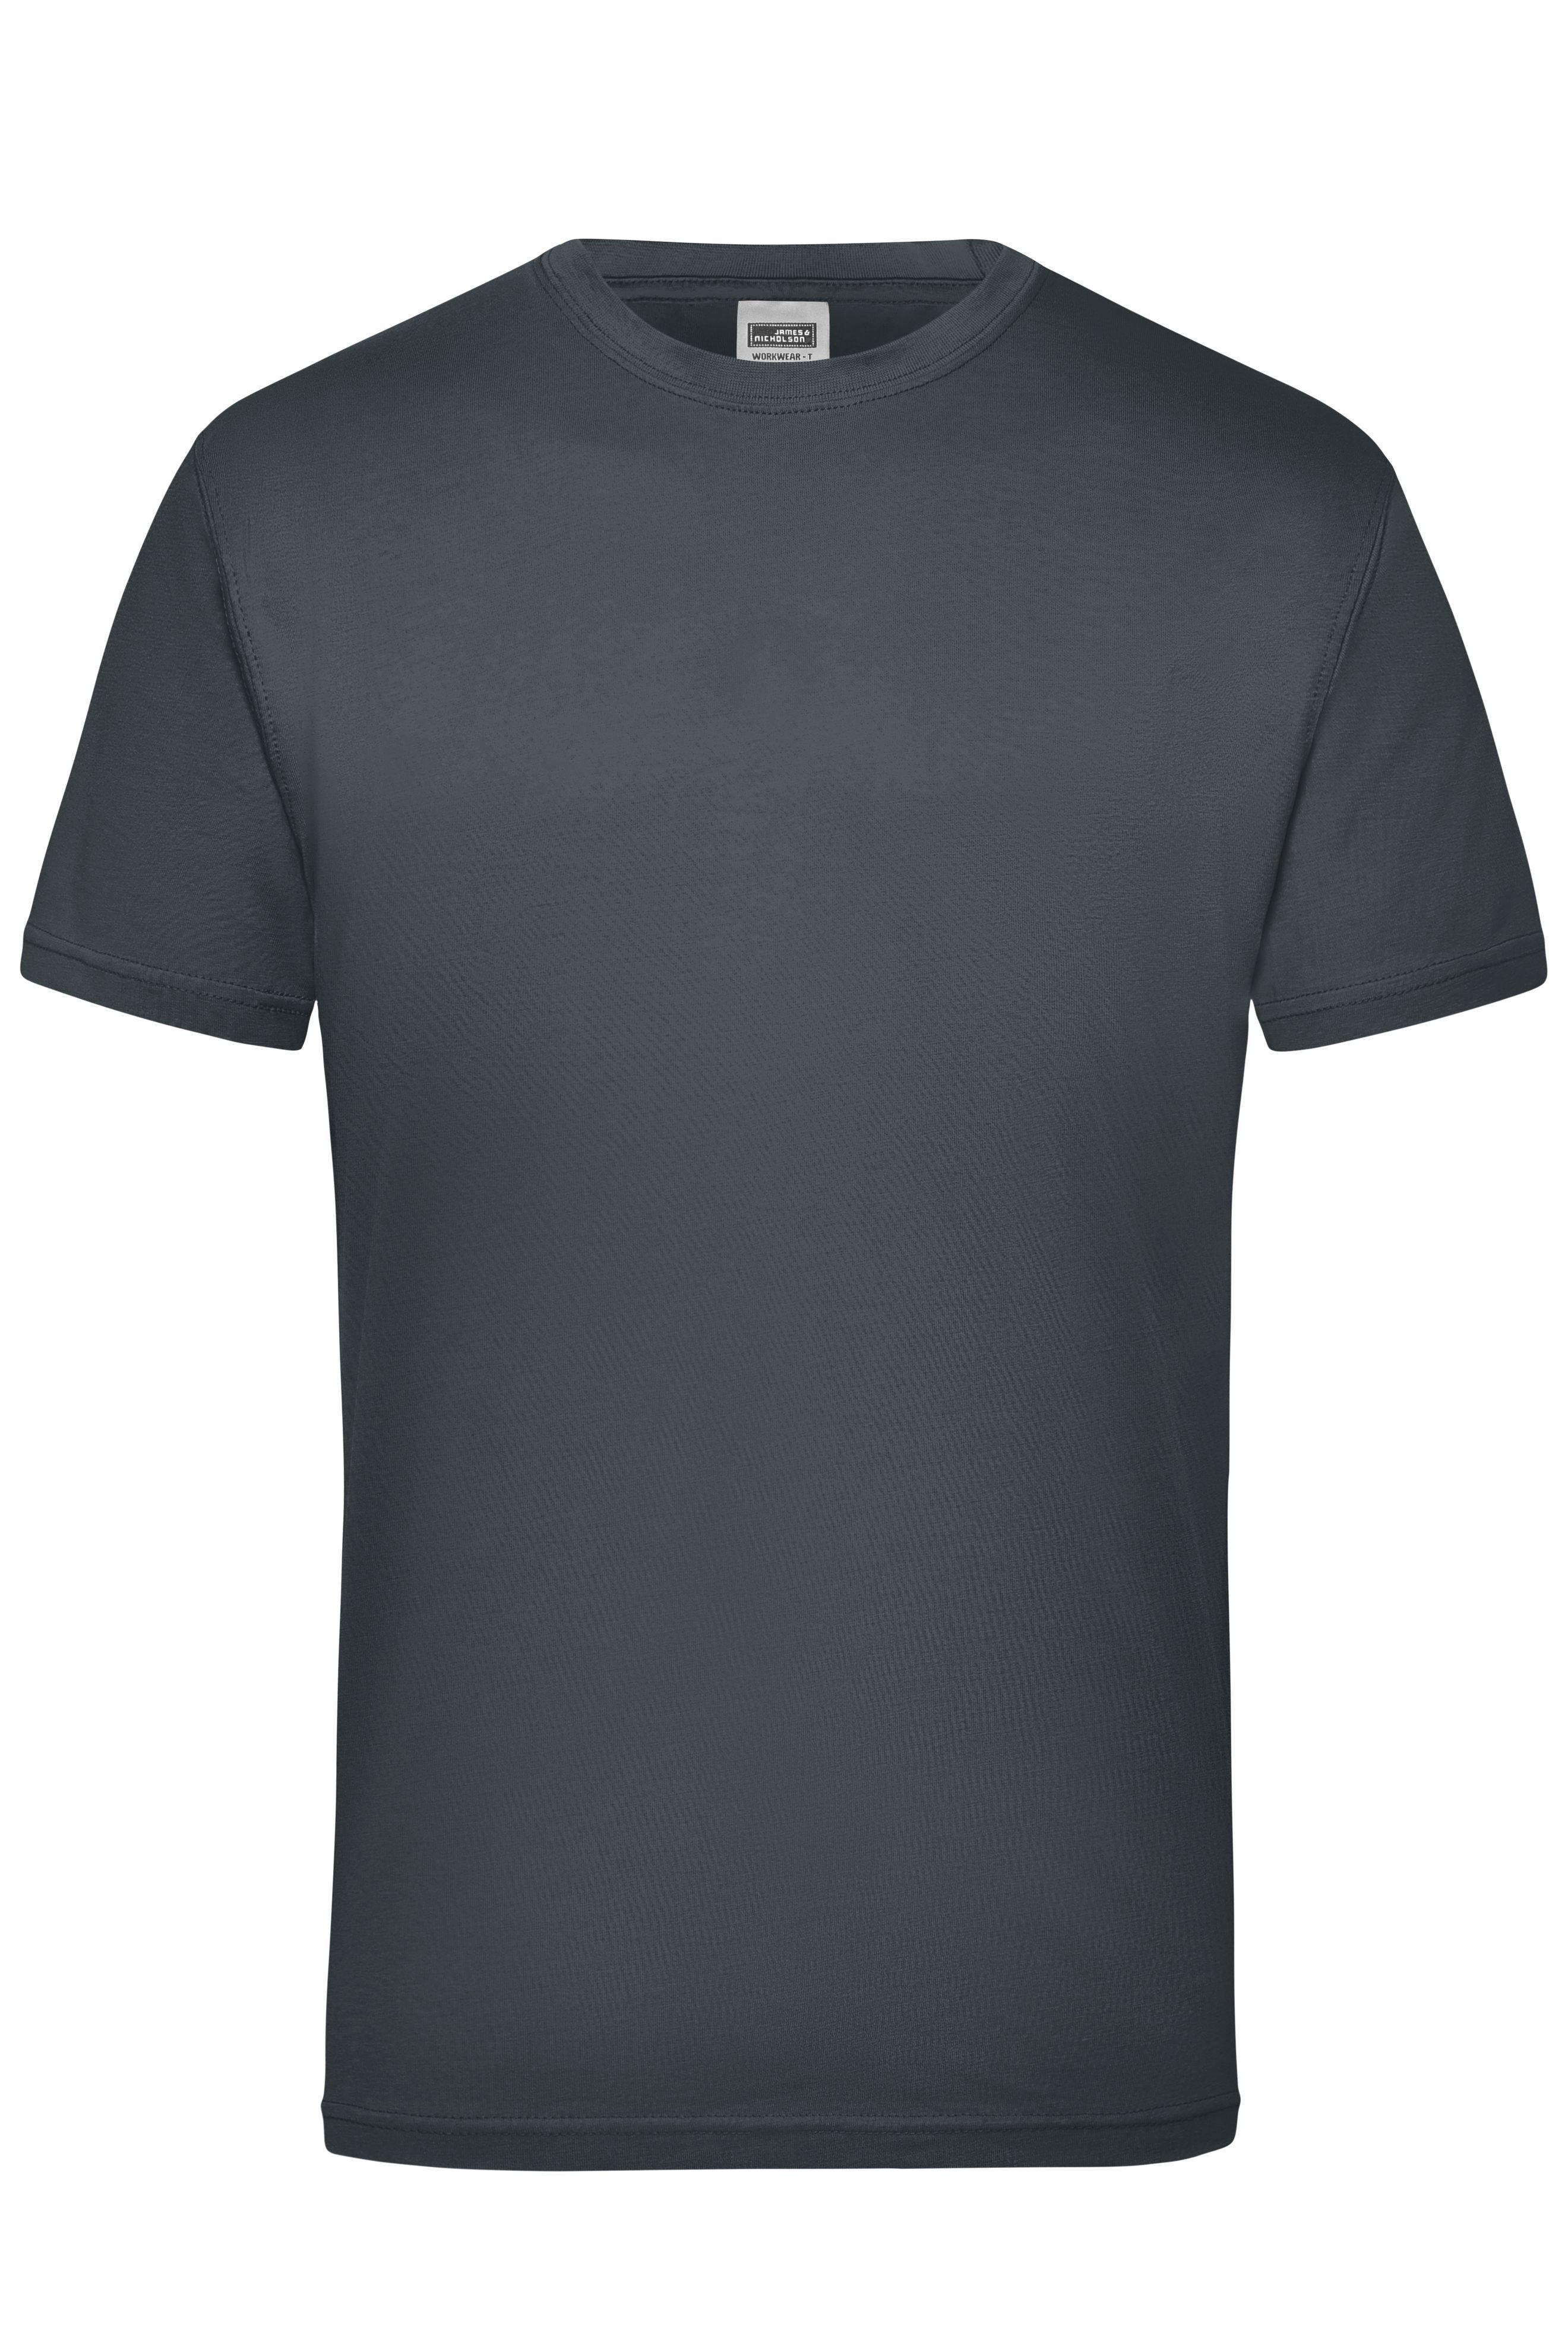 Strapazierfähiges klassisches T-Shirt